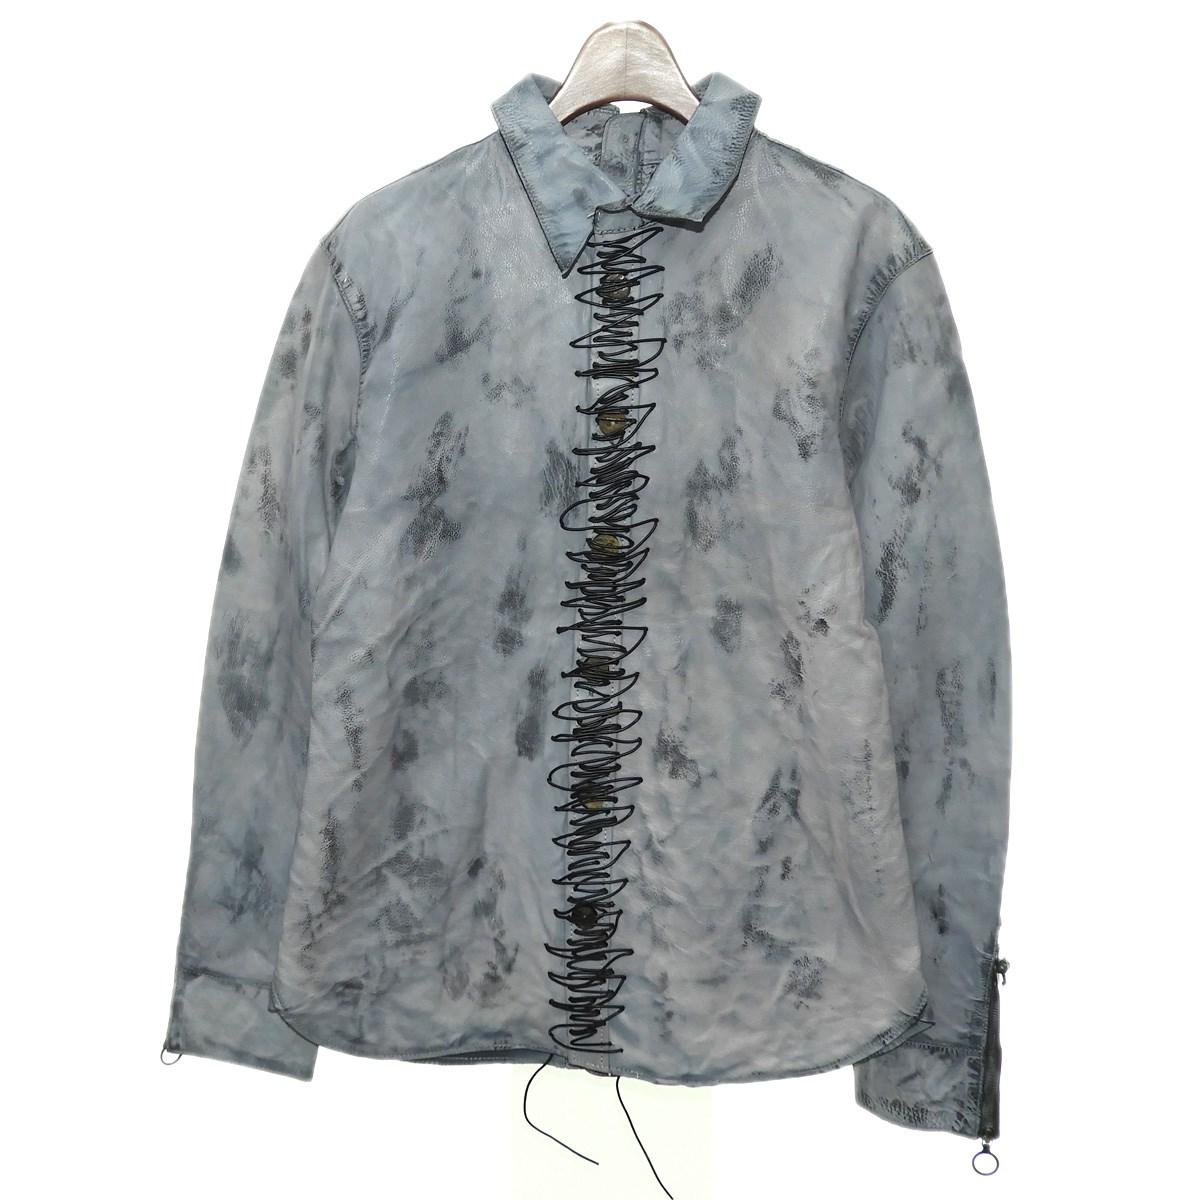 【中古】ANTINOISE レザージャケット グレー サイズ:M 【160320】(アンチノイズ)